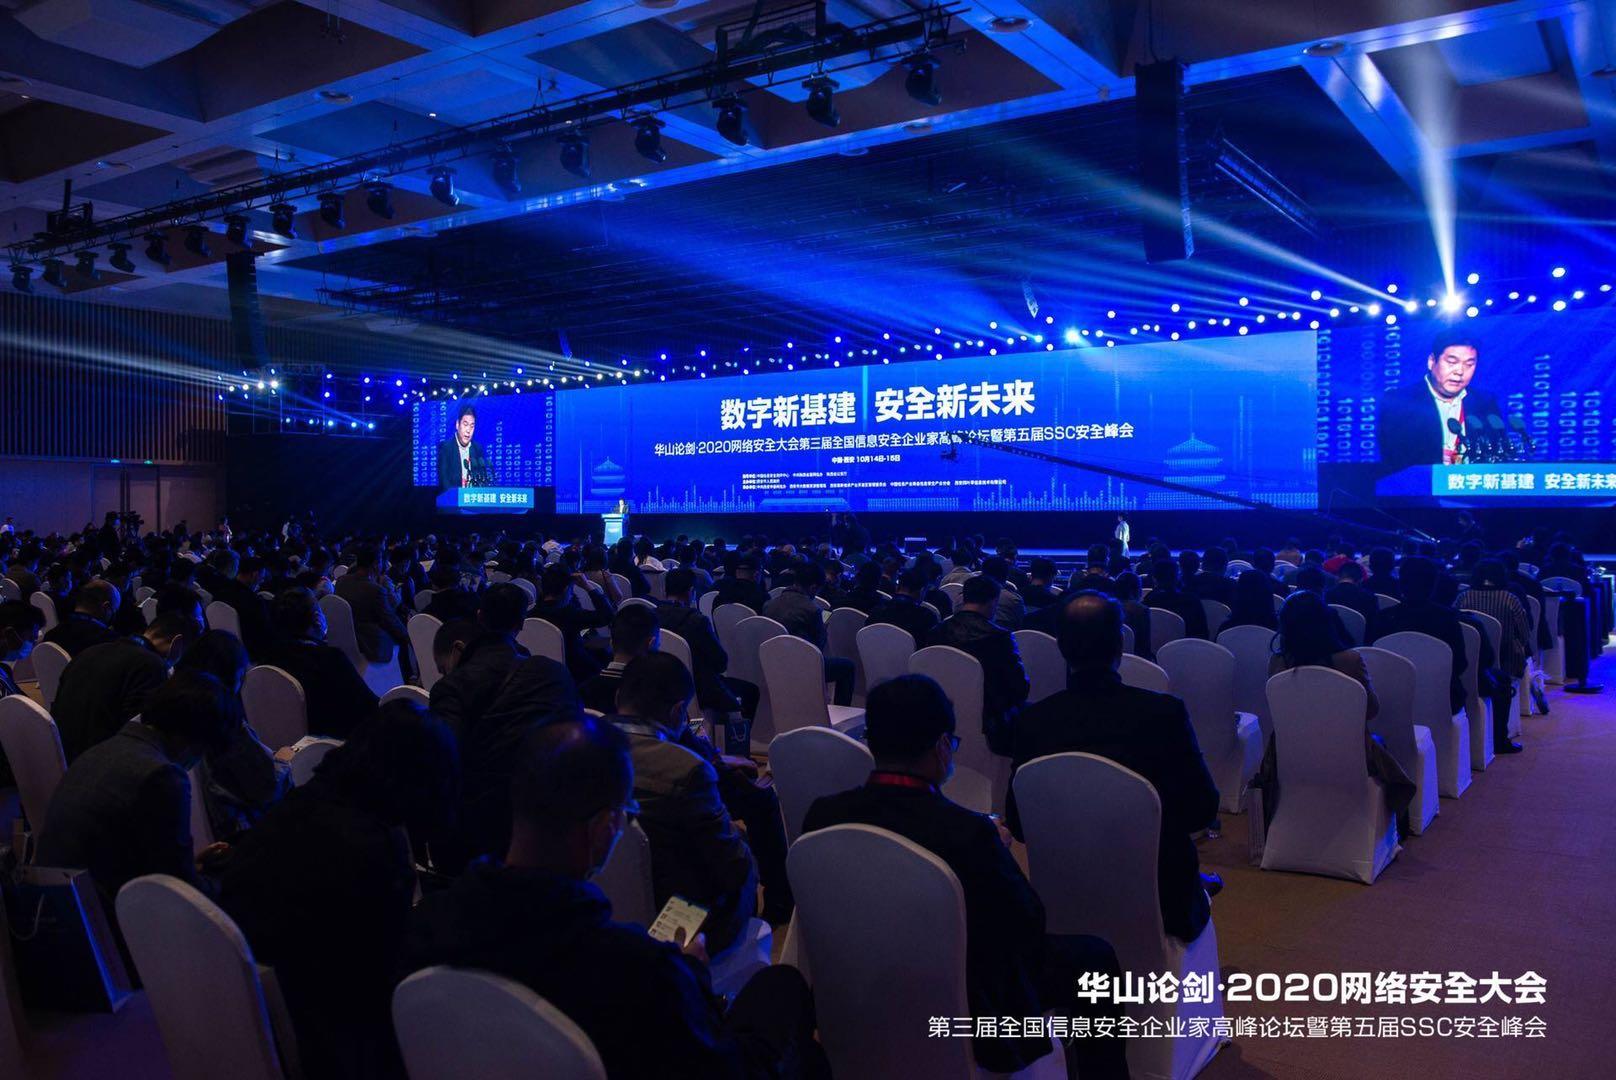 聚焦数字新基建 探索网络安全新未来 华山论剑·2020网络安全大会开幕-新闻频道-西安网